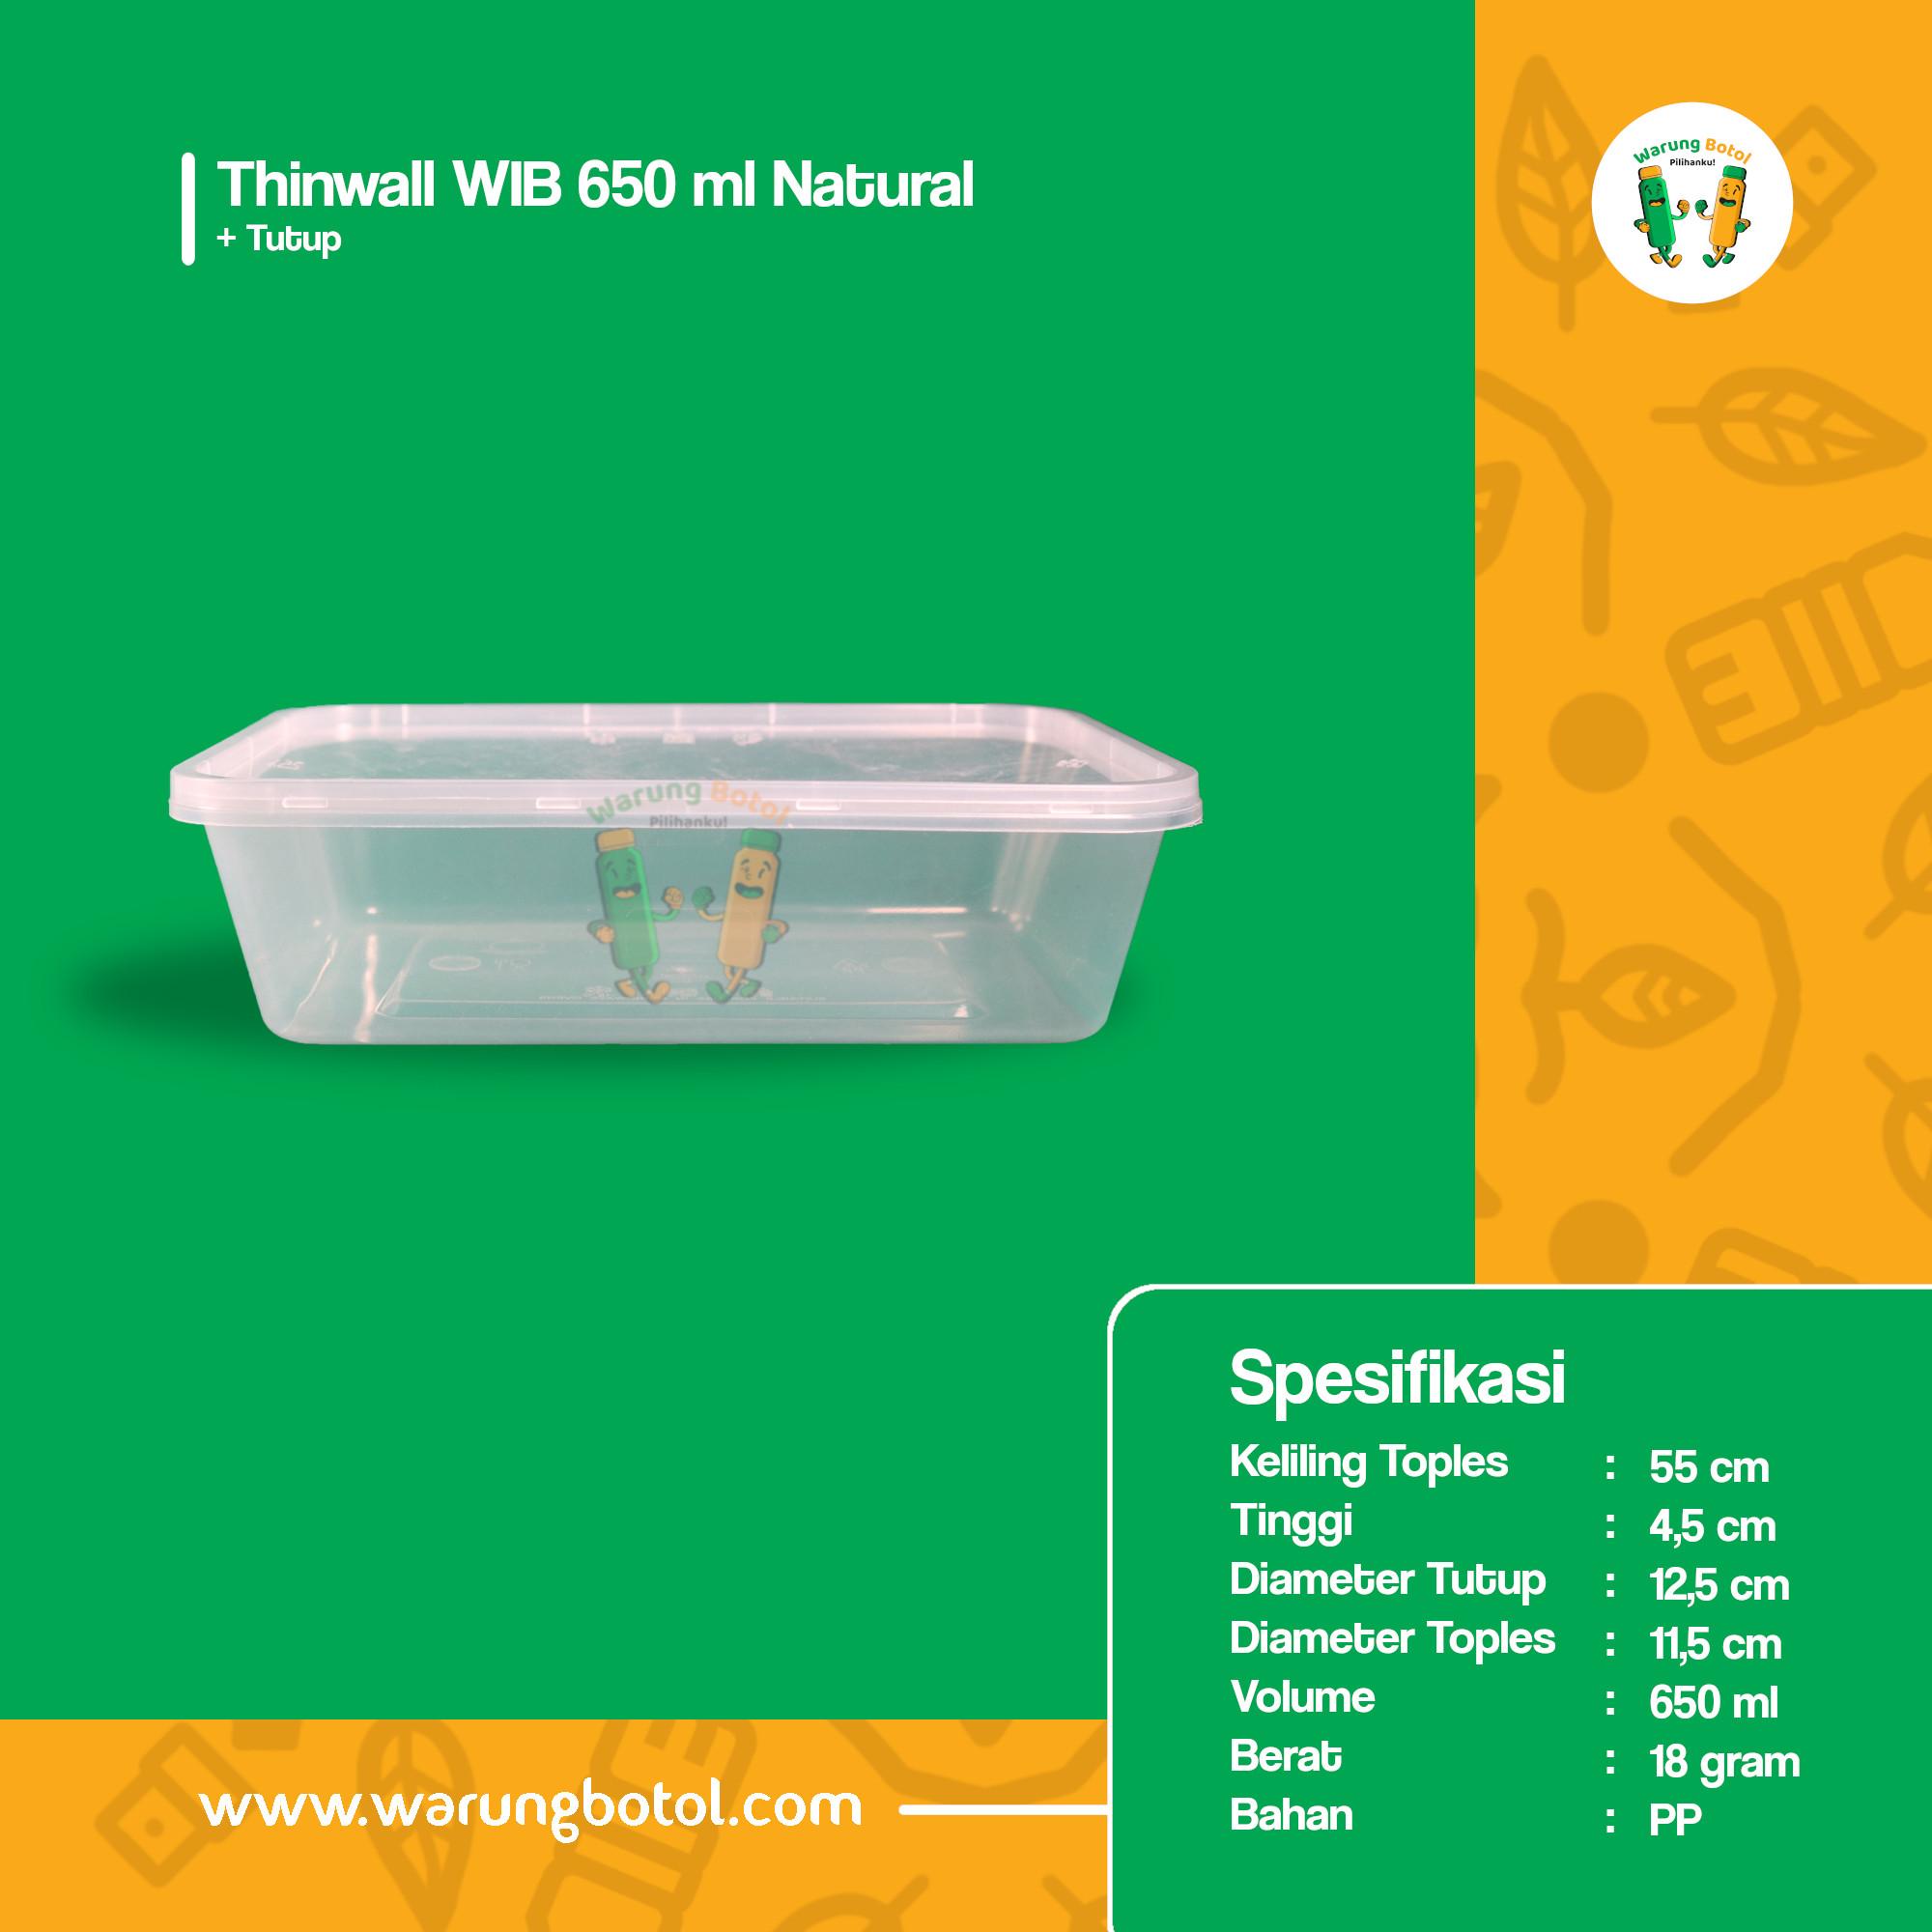 distributor toko jual thinwall kotak persegi panjang murah 650ml untuk kemasan bento anak, makanan kebab salad terdekat di bandung jakarta bekasi bogor